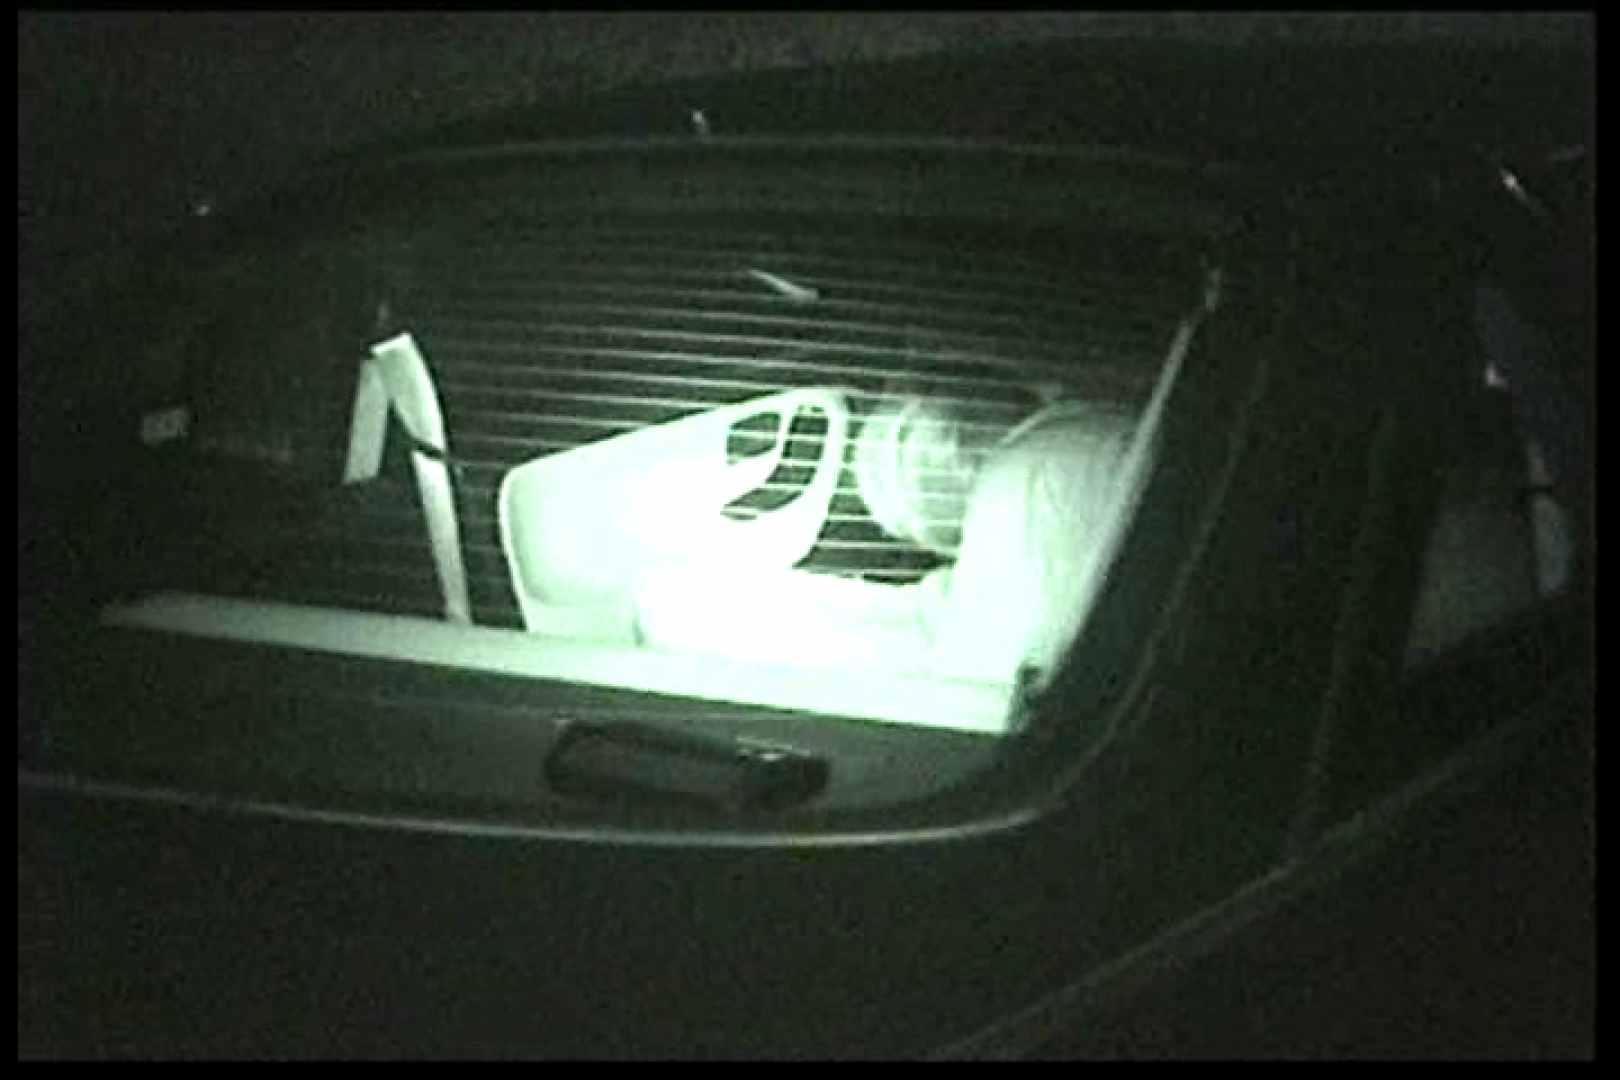 車の中はラブホテル 無修正版  Vol.13 OLヌード天国 | 赤外線  65PIX 37